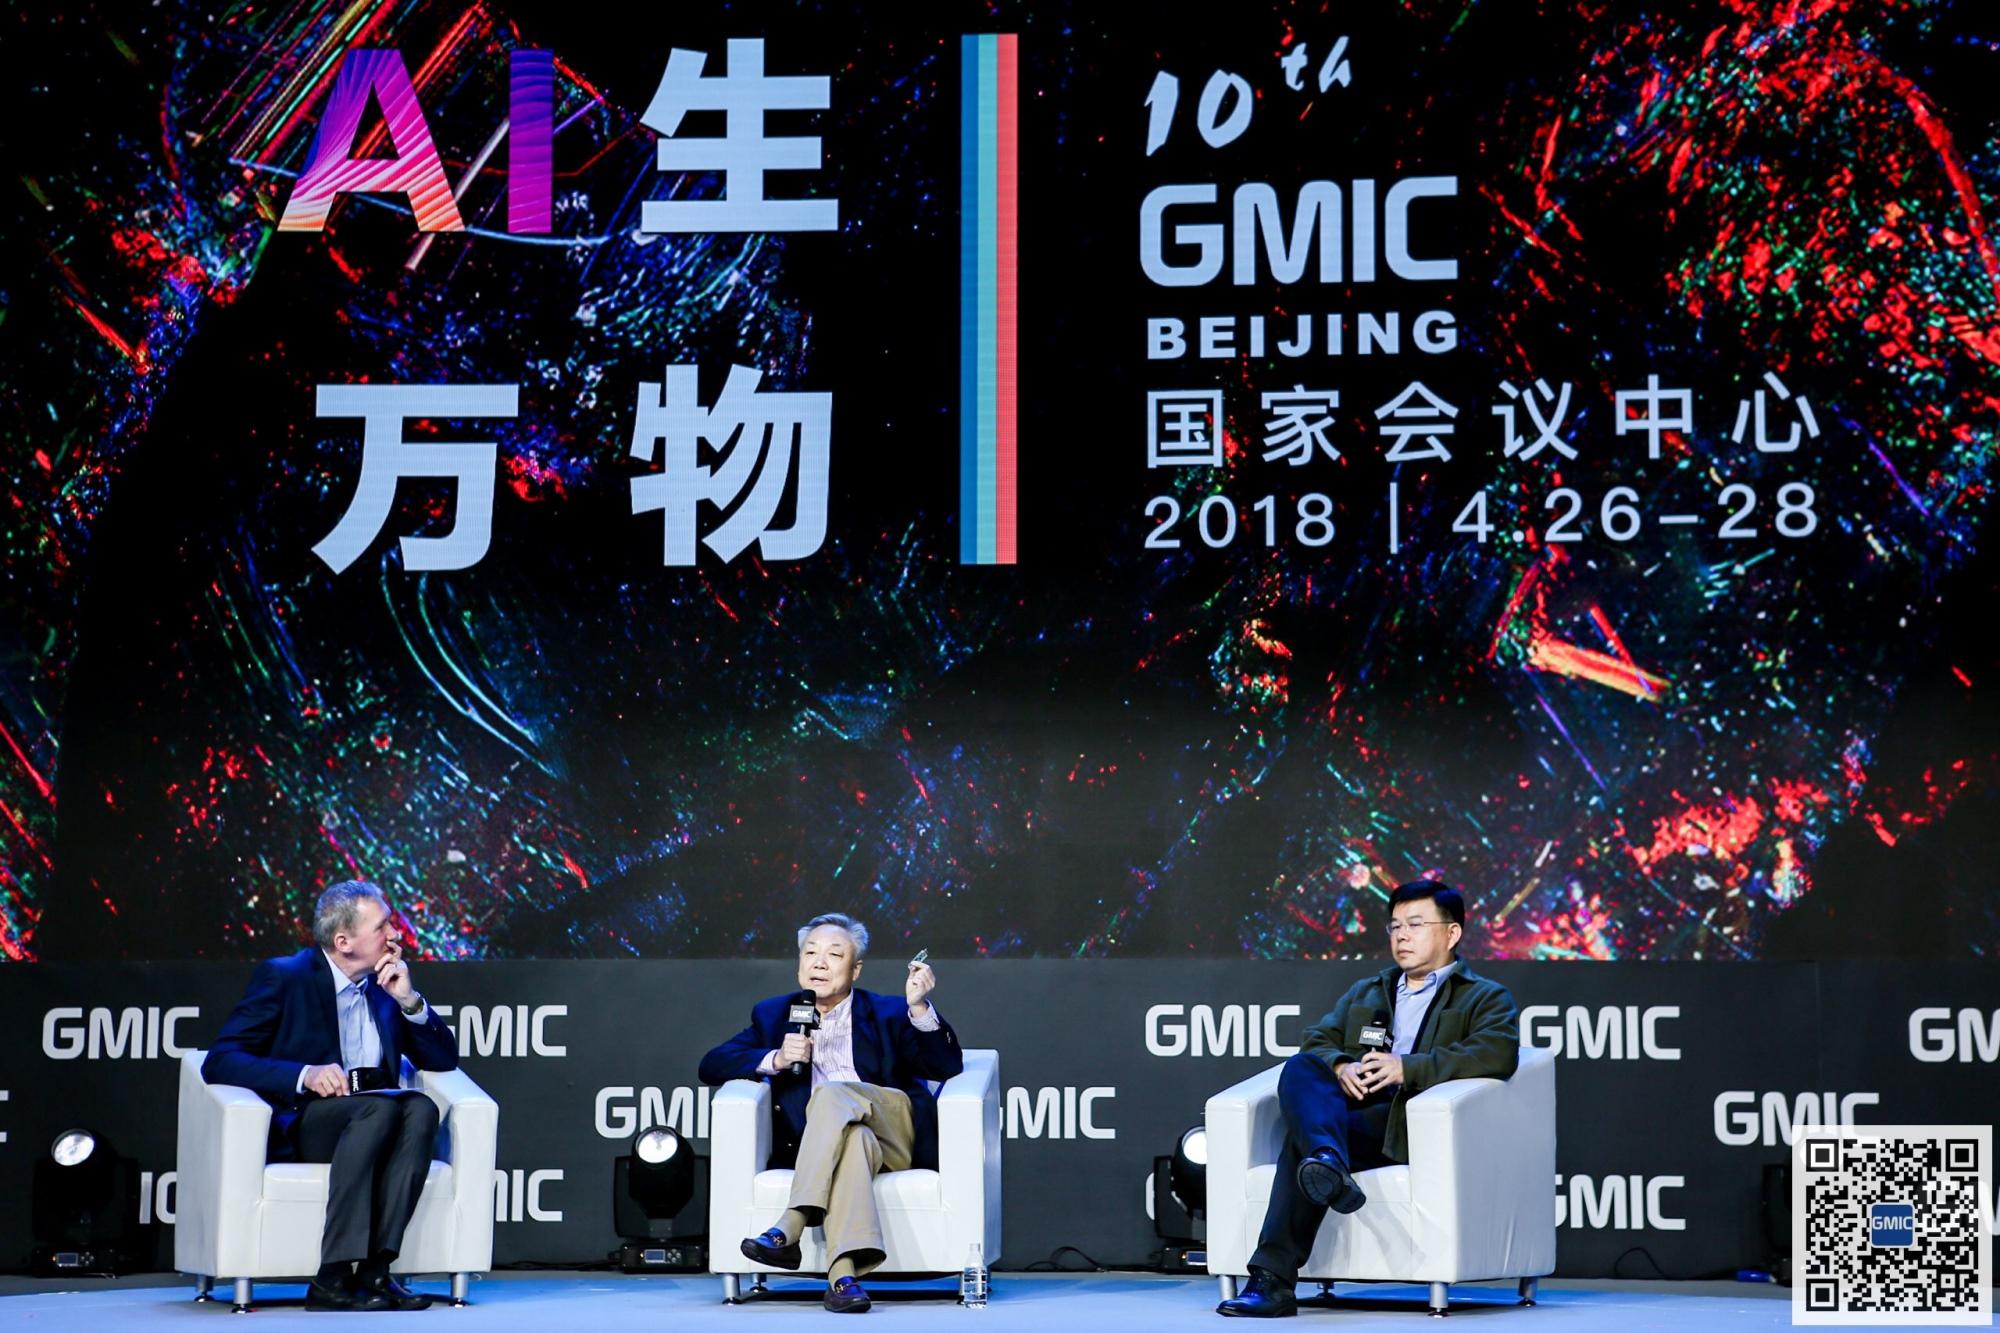 【企服快讯】直击GMIC,小AI的出现会让AI的普及变得更快吗?